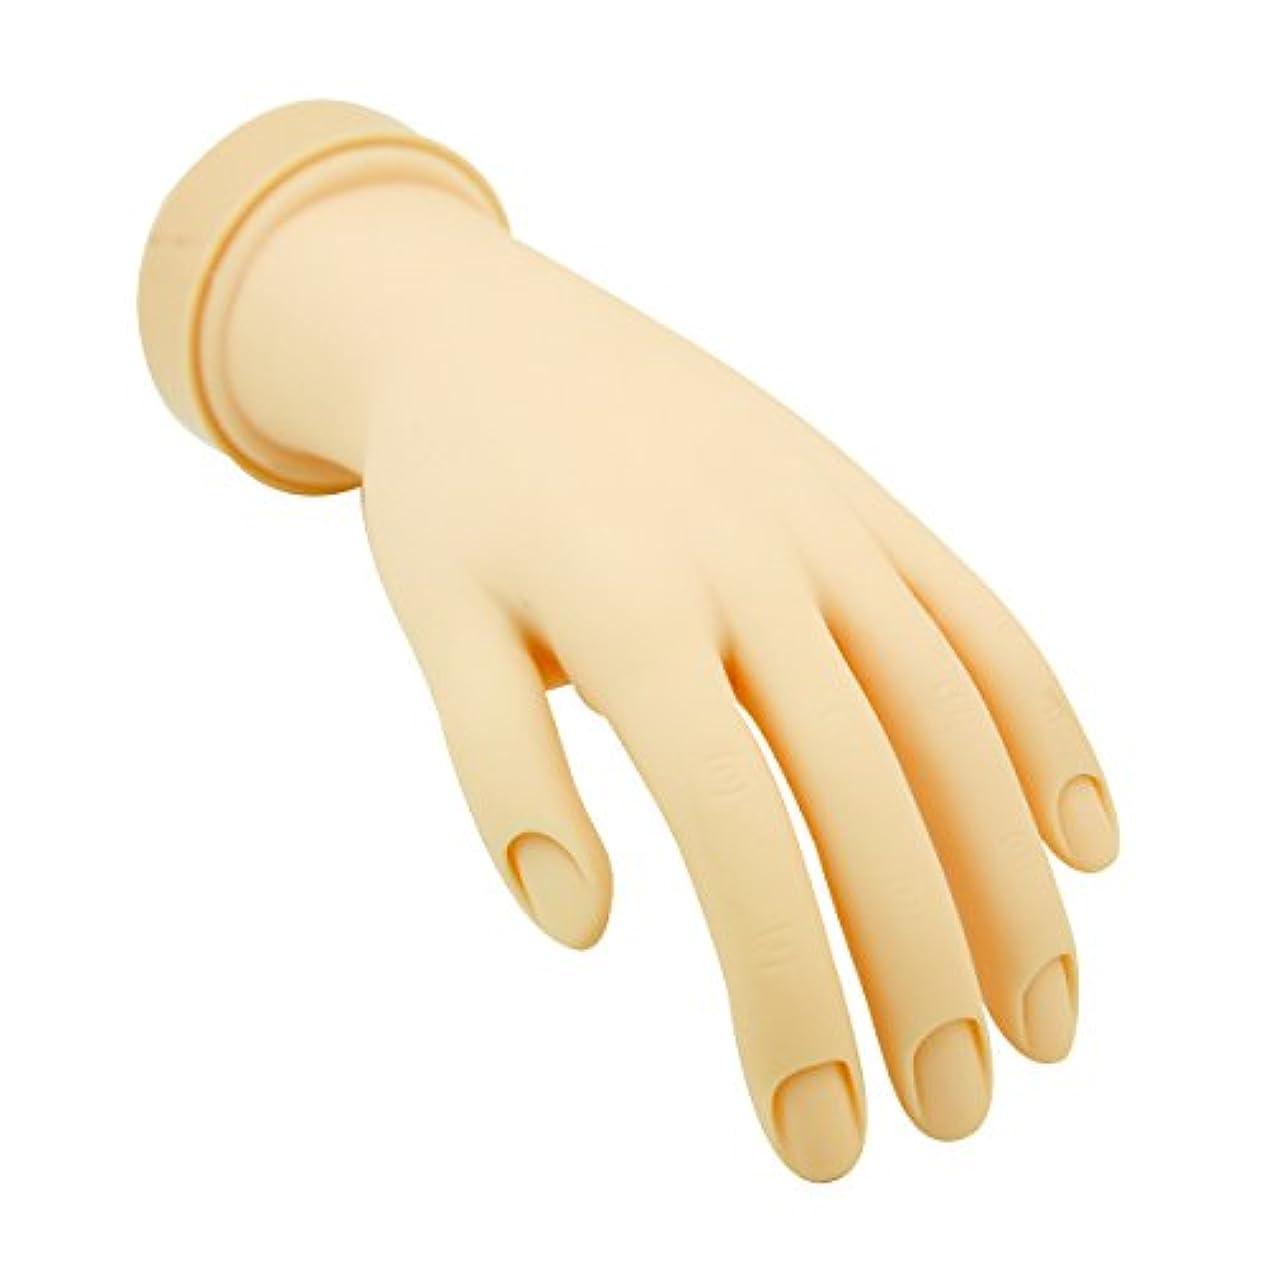 乳製品トランクじゃないトレーニングハンド (ネイル用) 左手 [ 練習用マネキン 手 指 ハンドマネキン マネキン 施術用 トレーニング ]